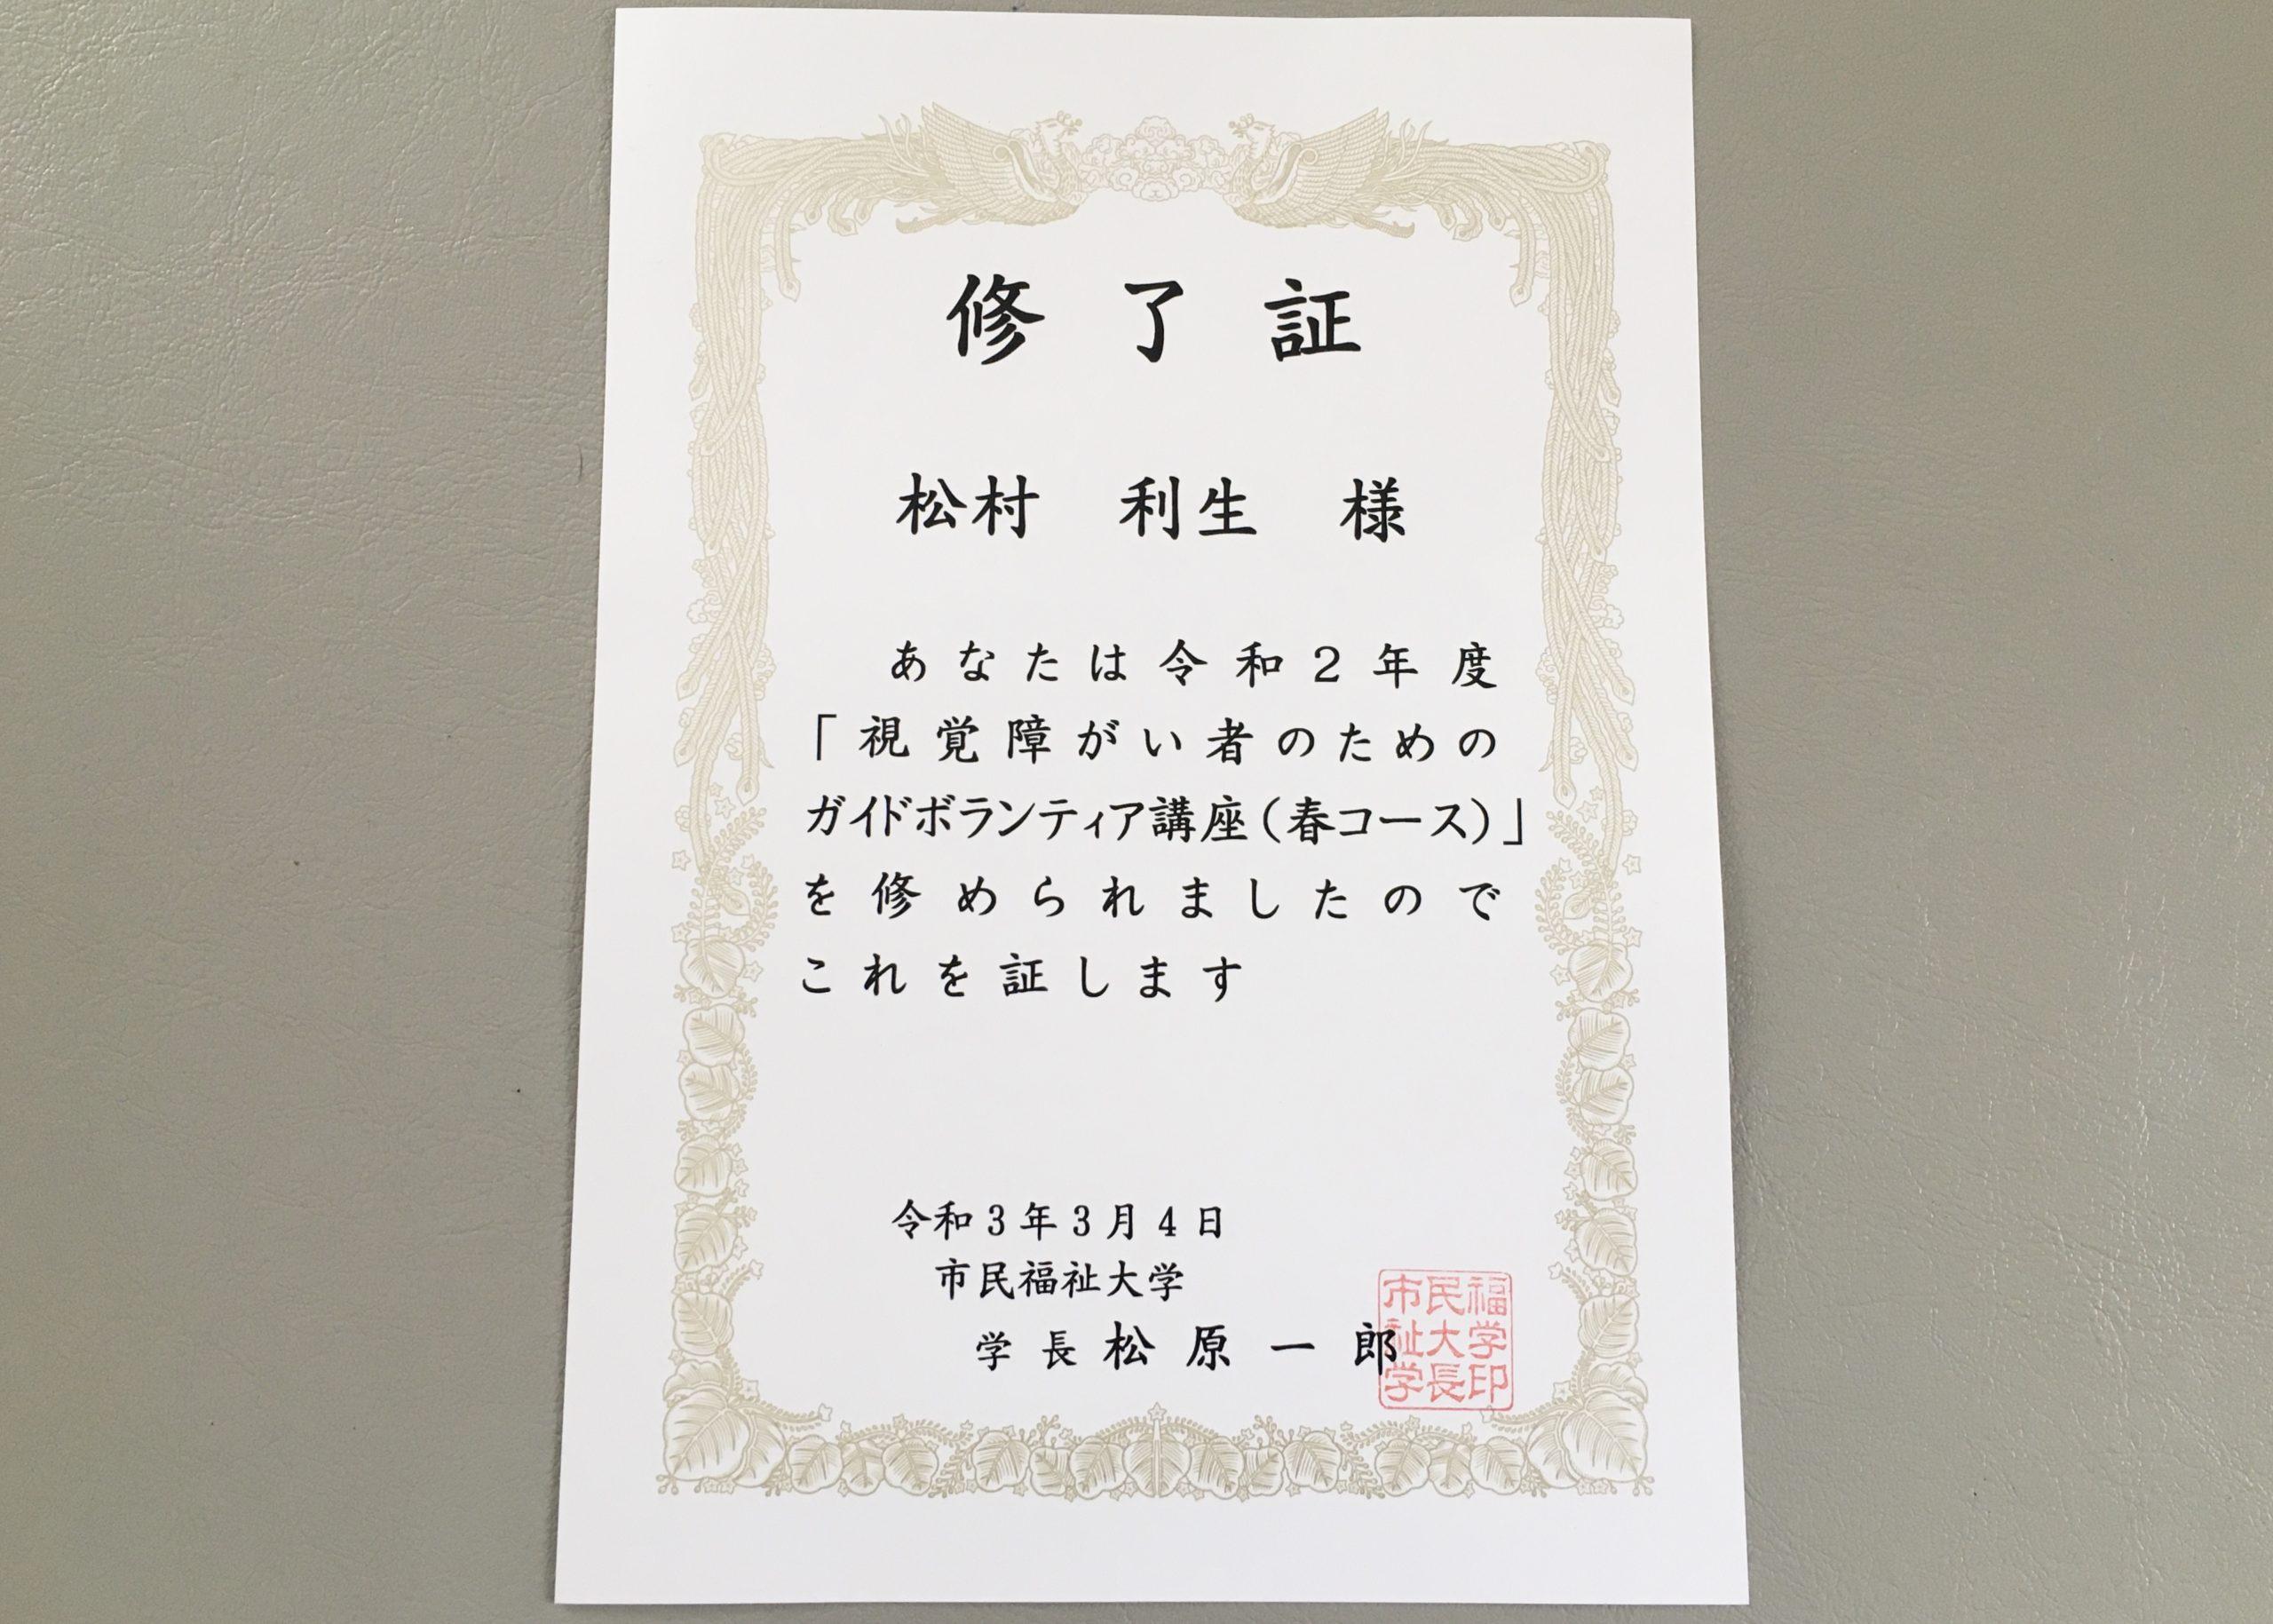 神戸市視覚障がい者のためのガイドボランティア講座修了証